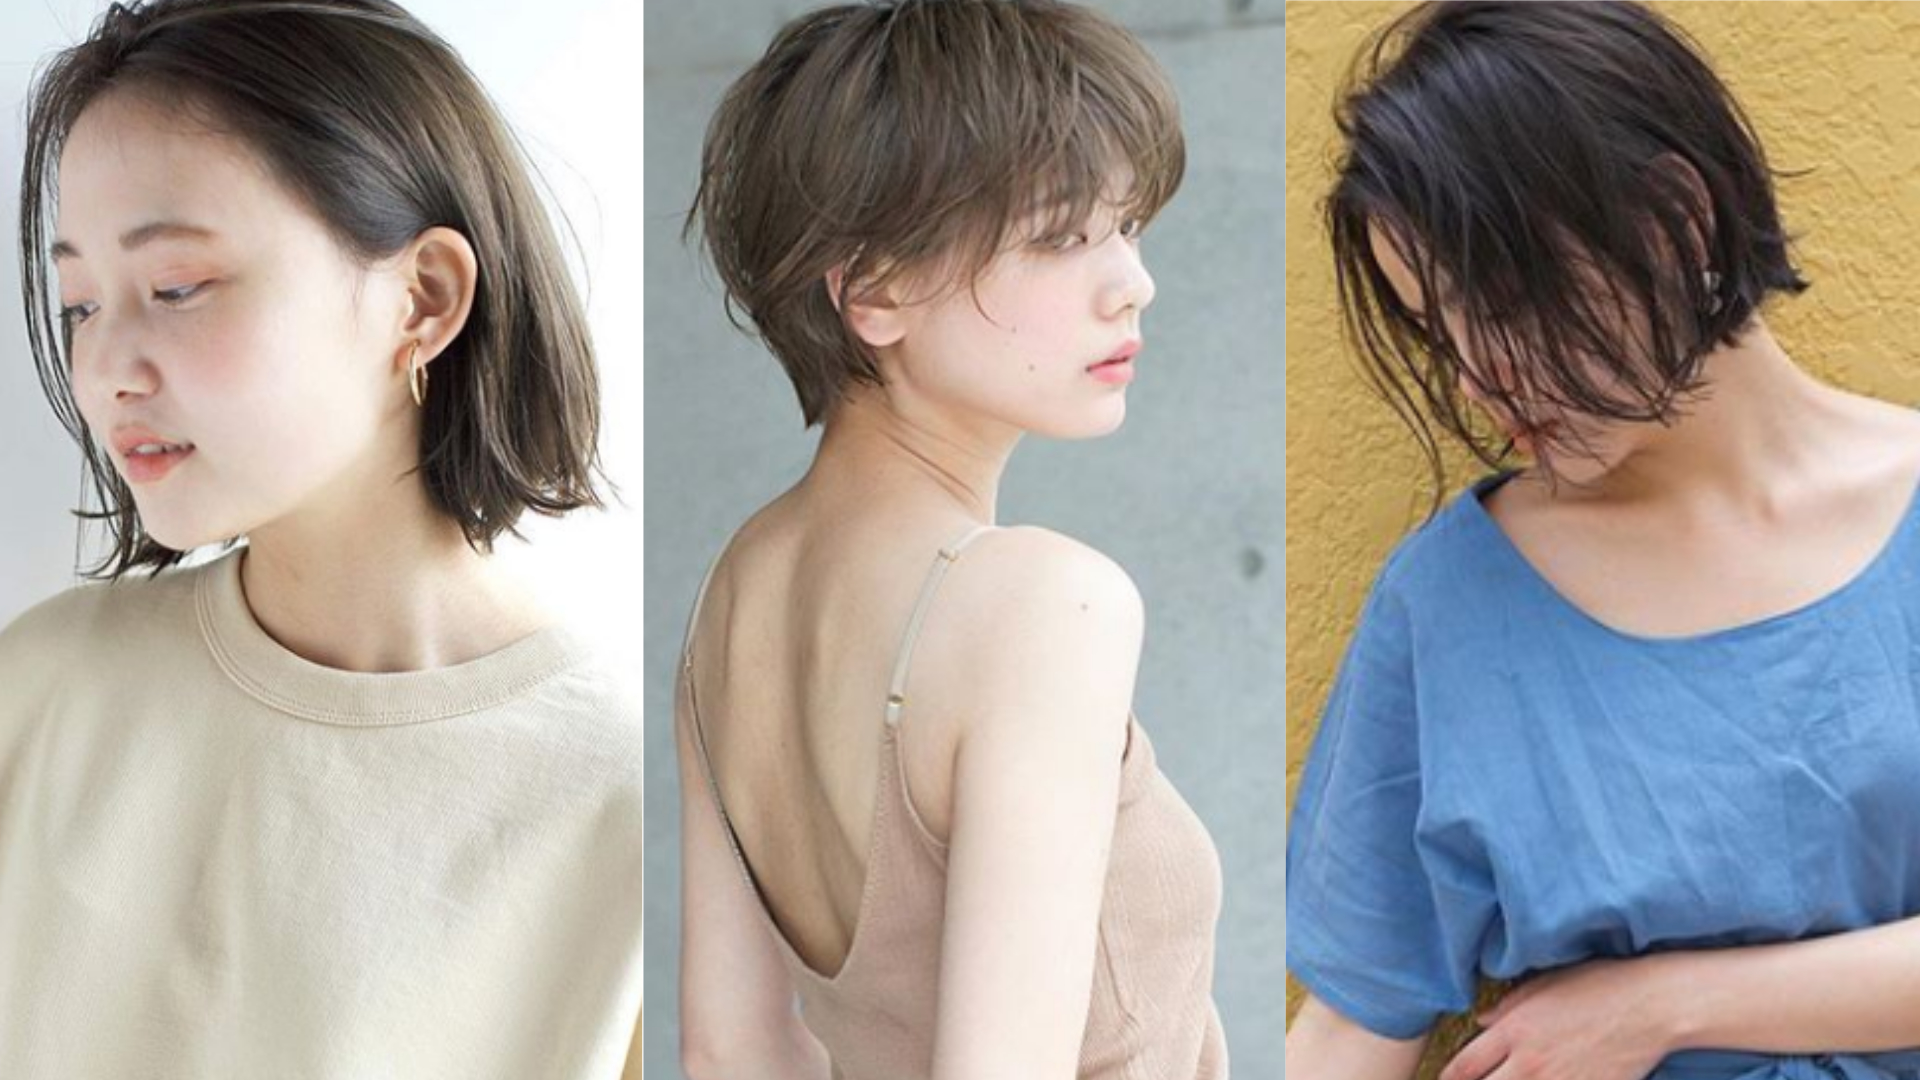 在女星與素人間皆備受人氣的短髮!今夏的日系短髮你選哪一個?